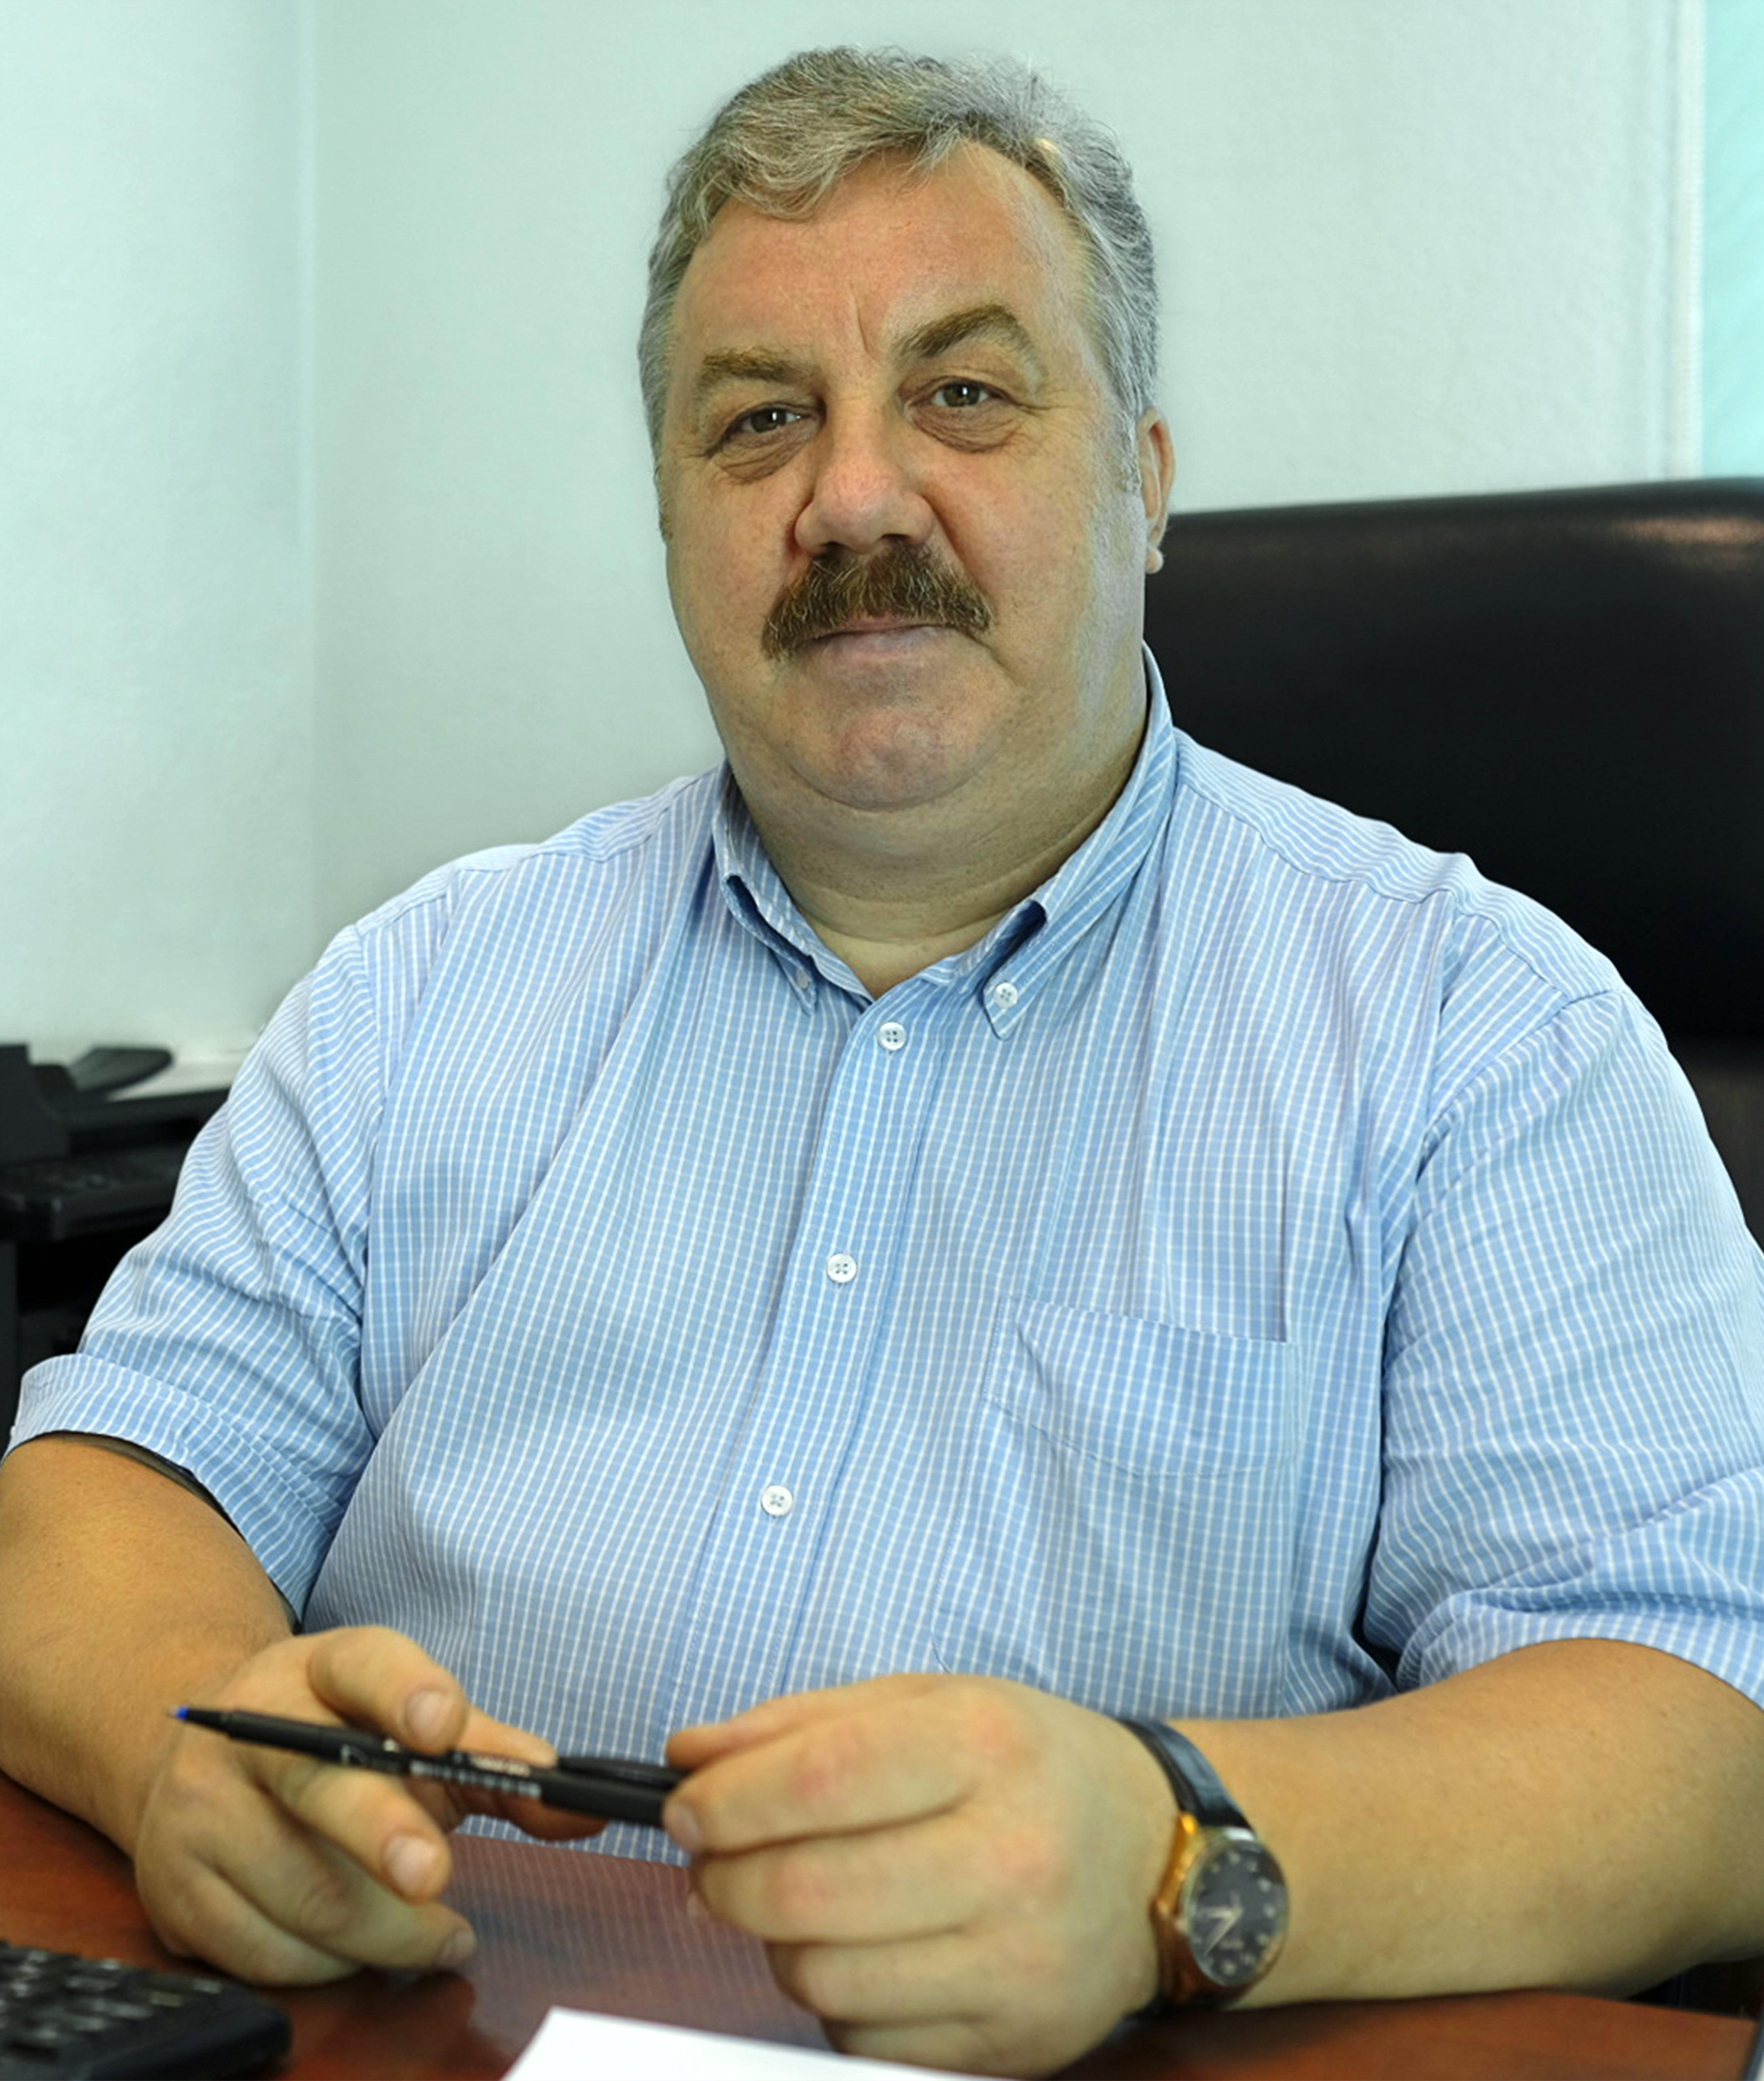 Точилин Александр Николаевич